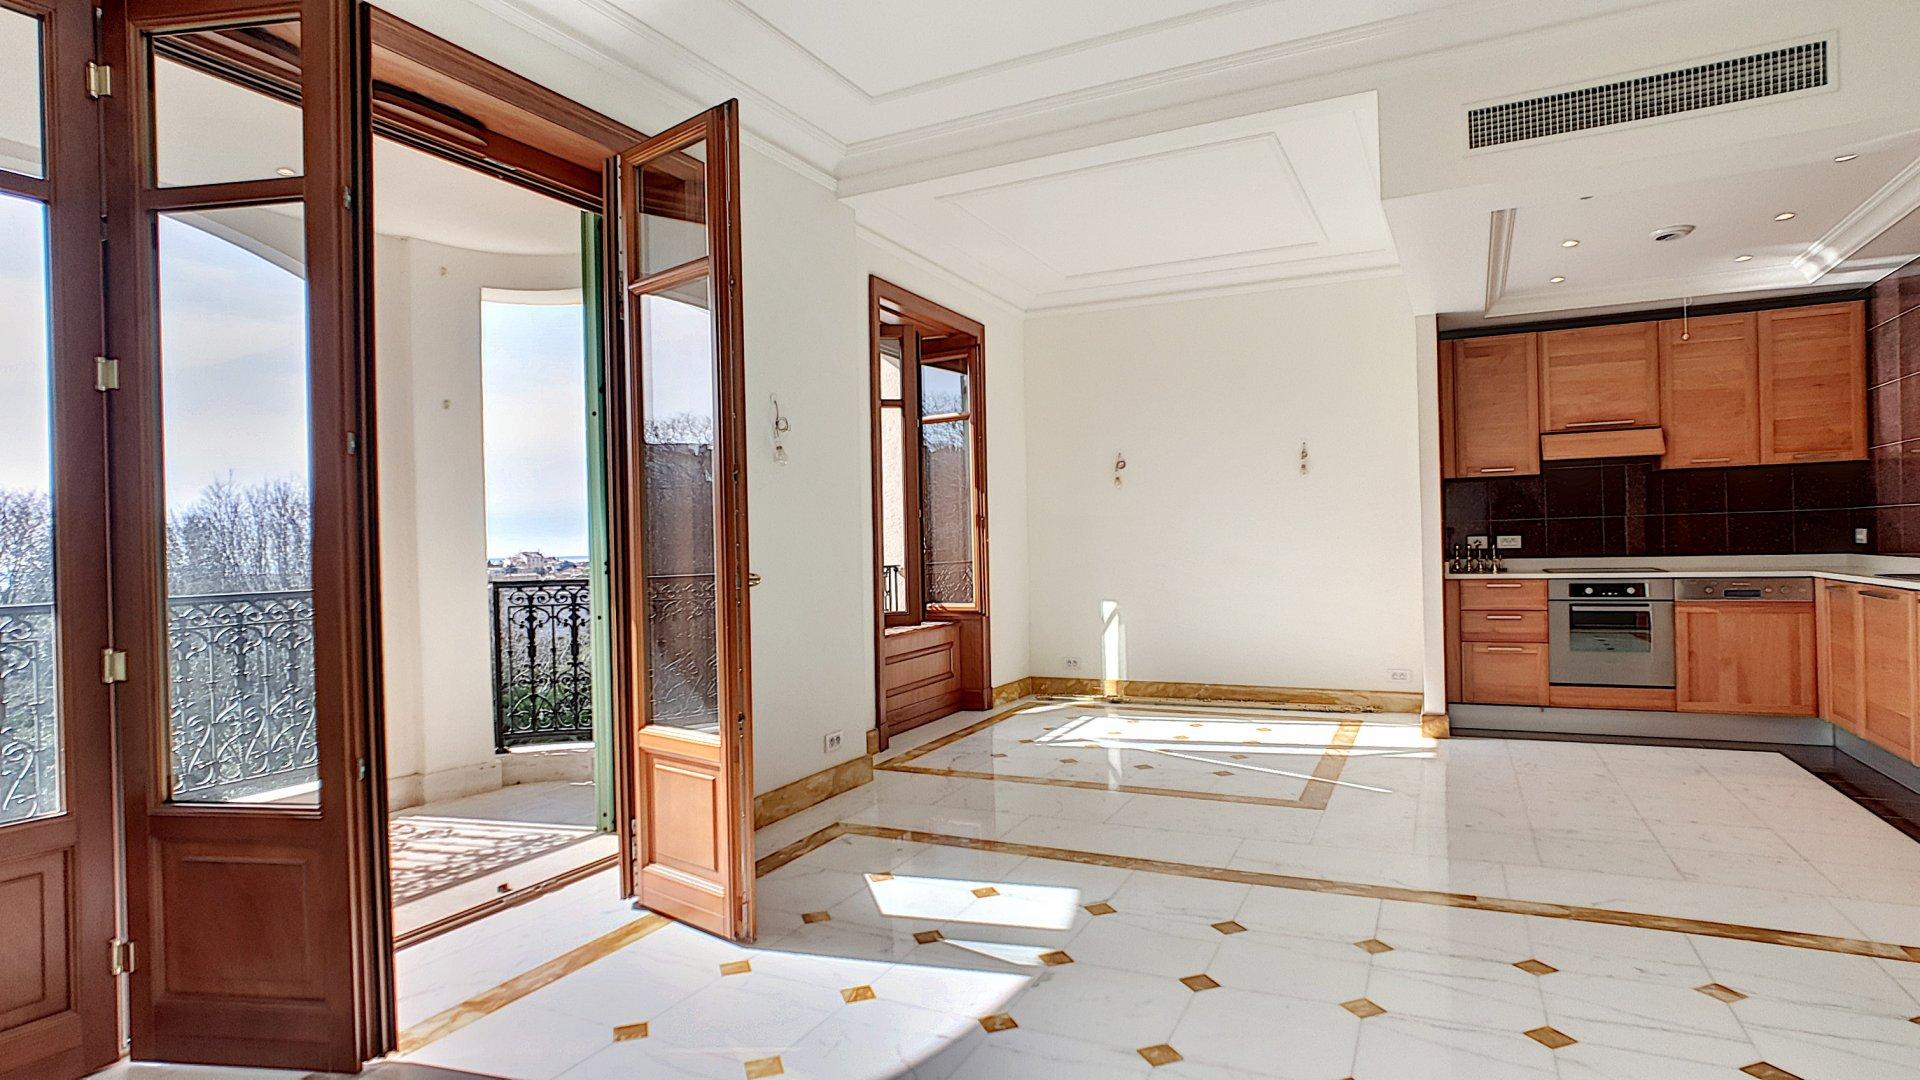 Côte d'Azur Cannes résidence de standing Duplex 4 pièces  108 m²